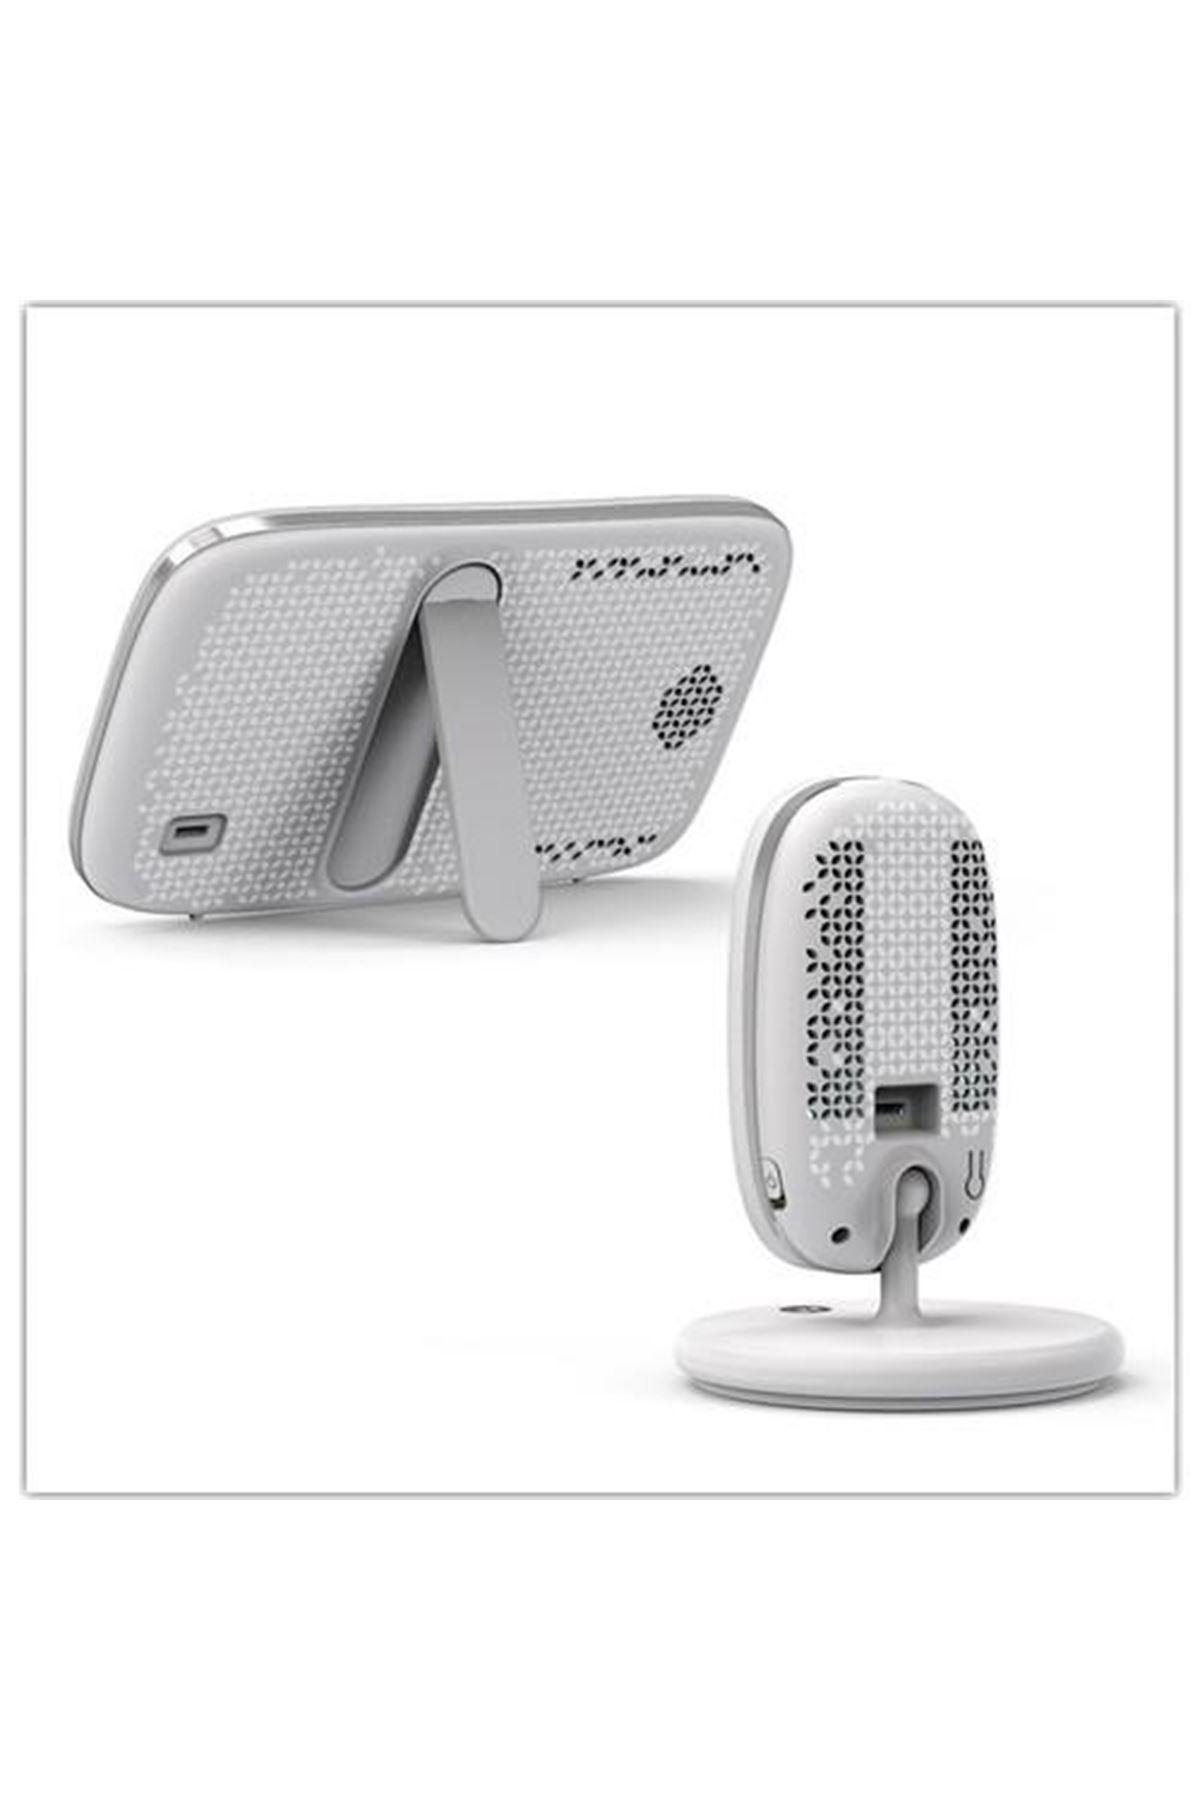 Motorola Comfort 50 5 İnç LCD Ekran Dijital Bebek Kamerası